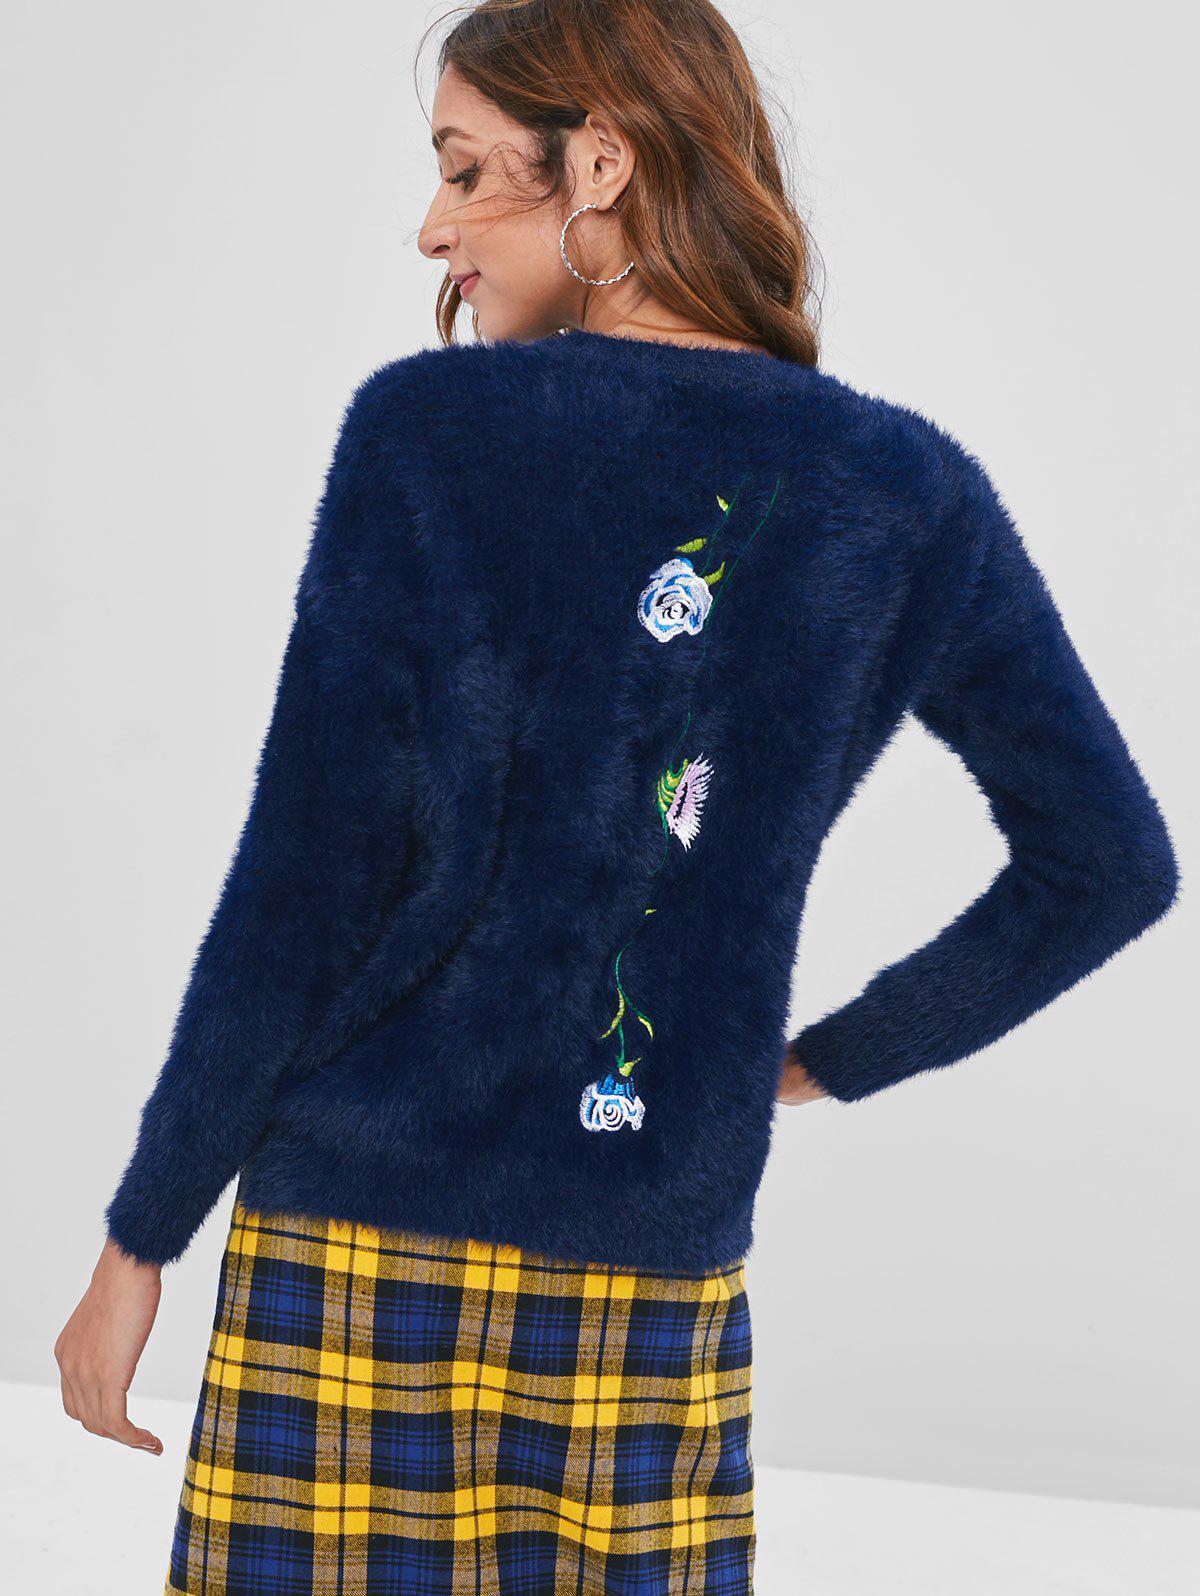 Flower Embroidery Fleece Sweater